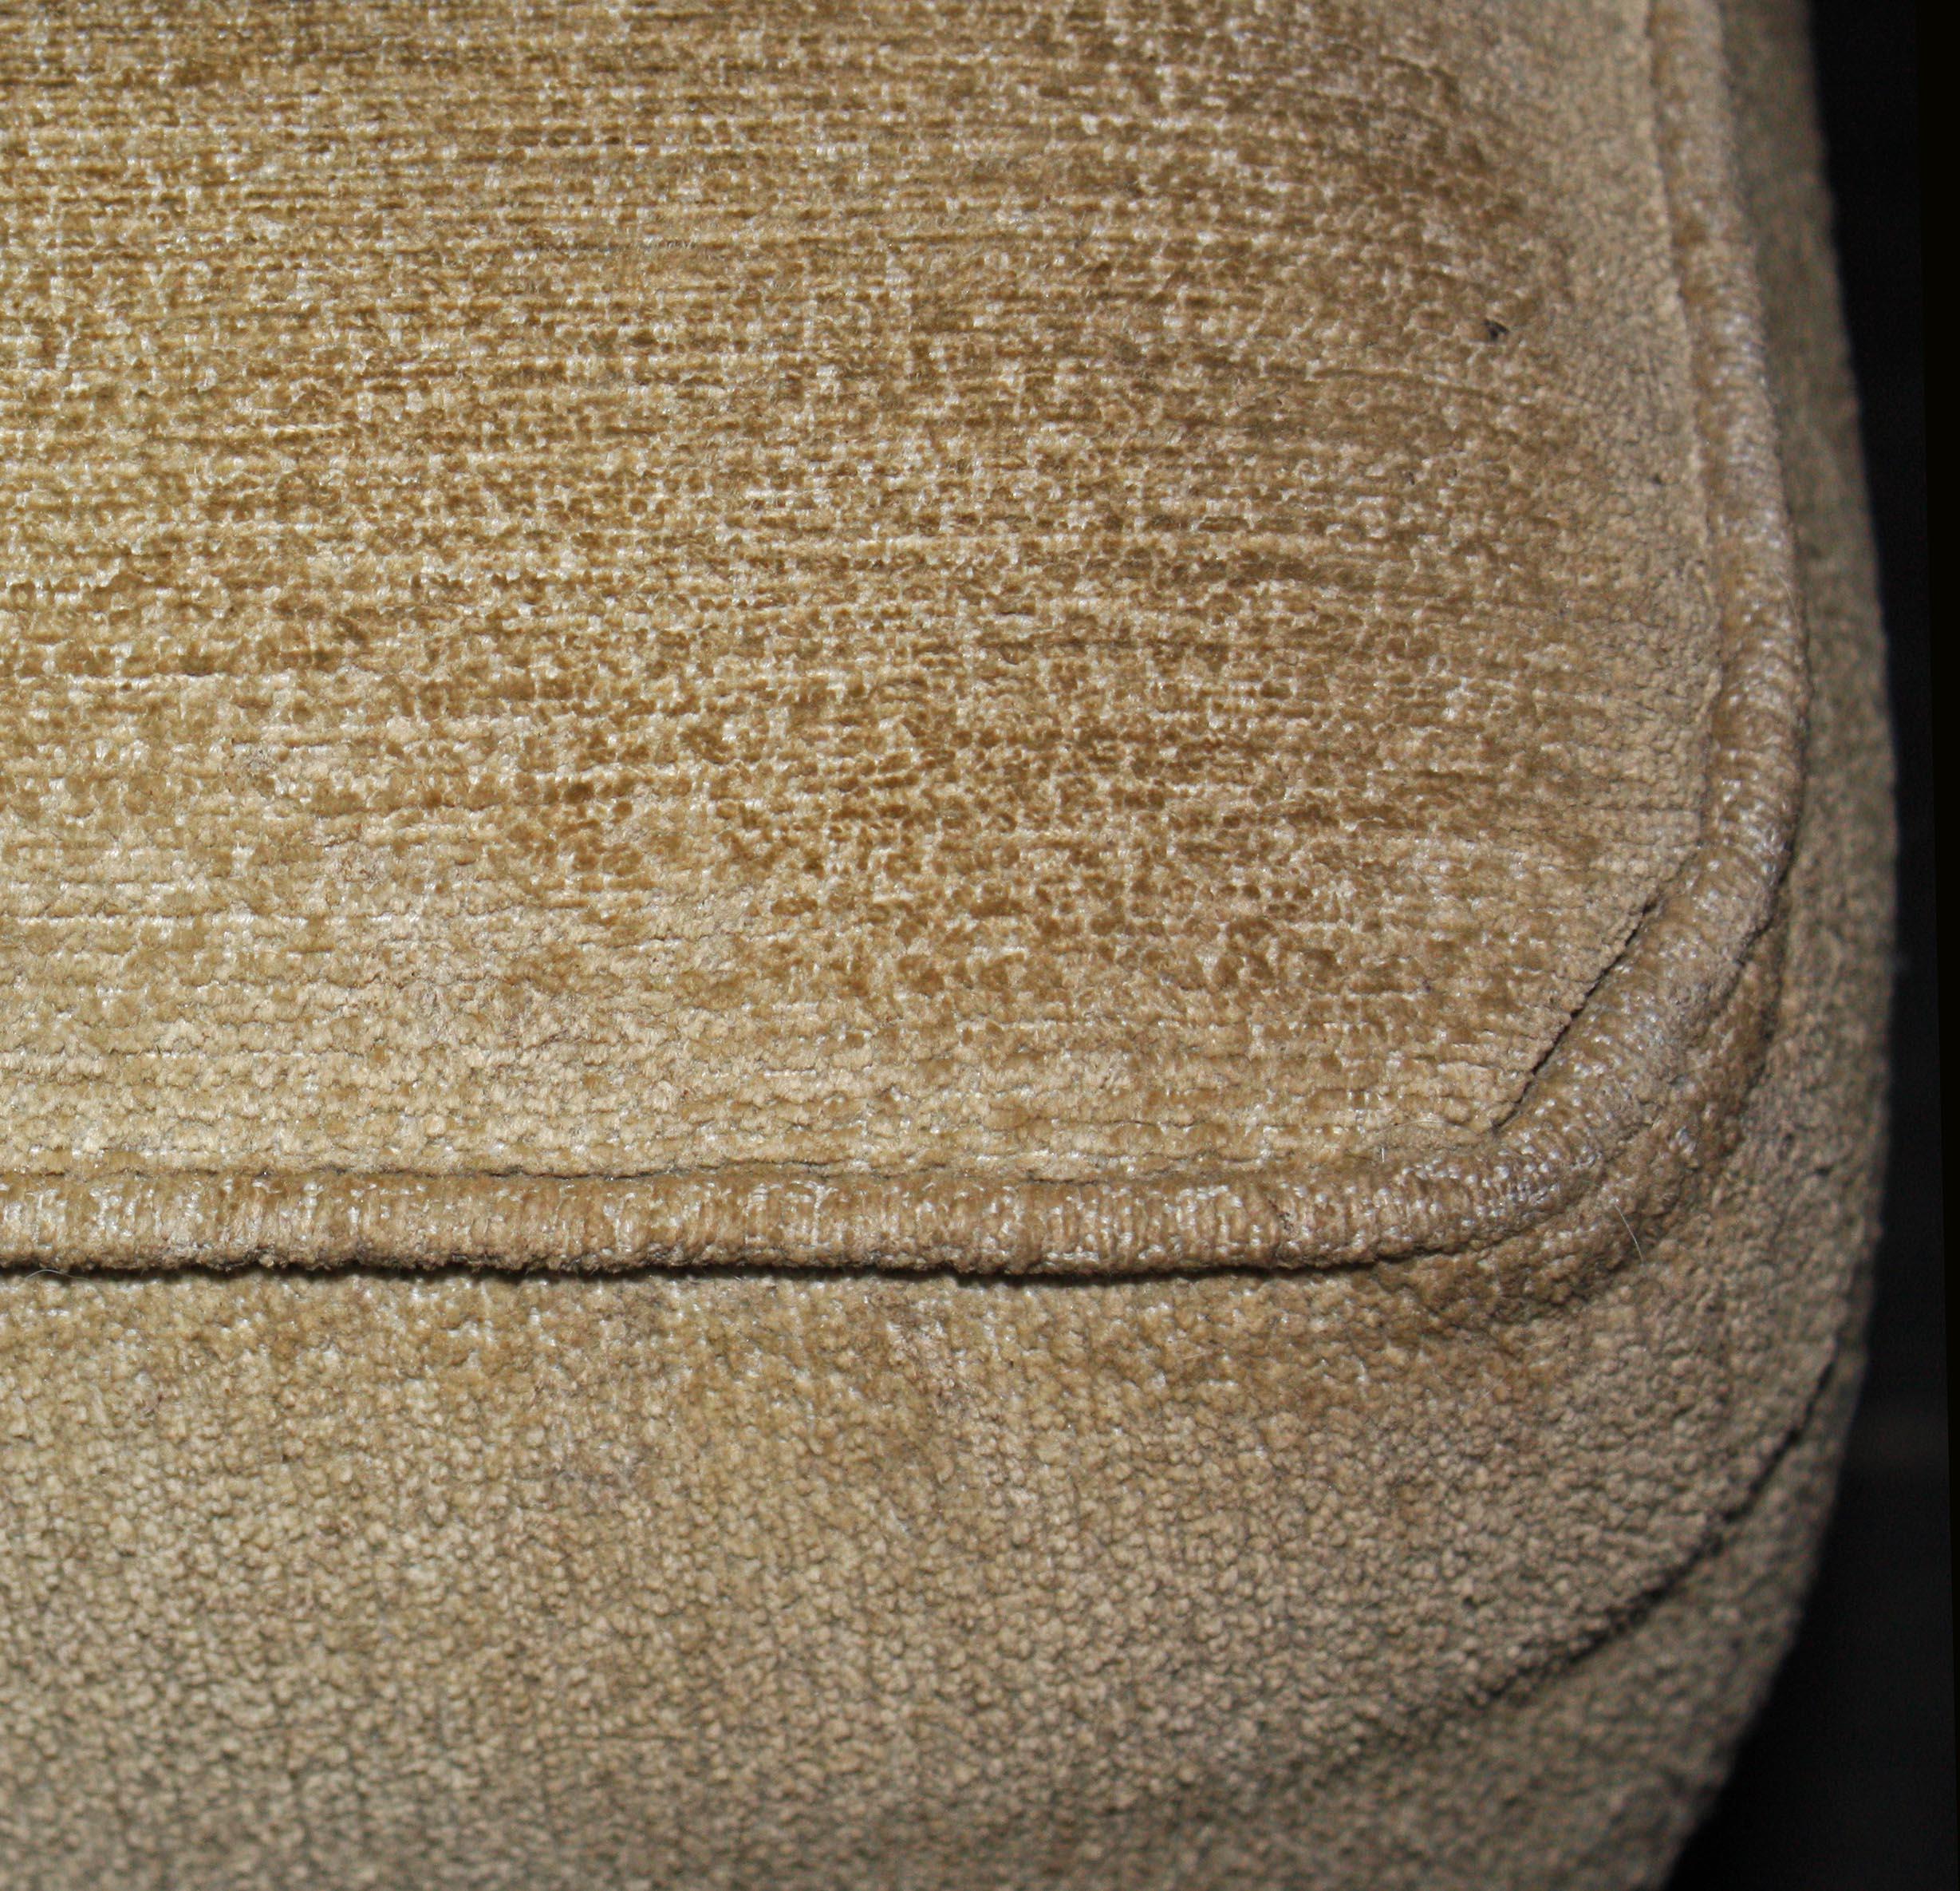 Kattenhaar verwijderen met stoom turboborstel van SAMUDO